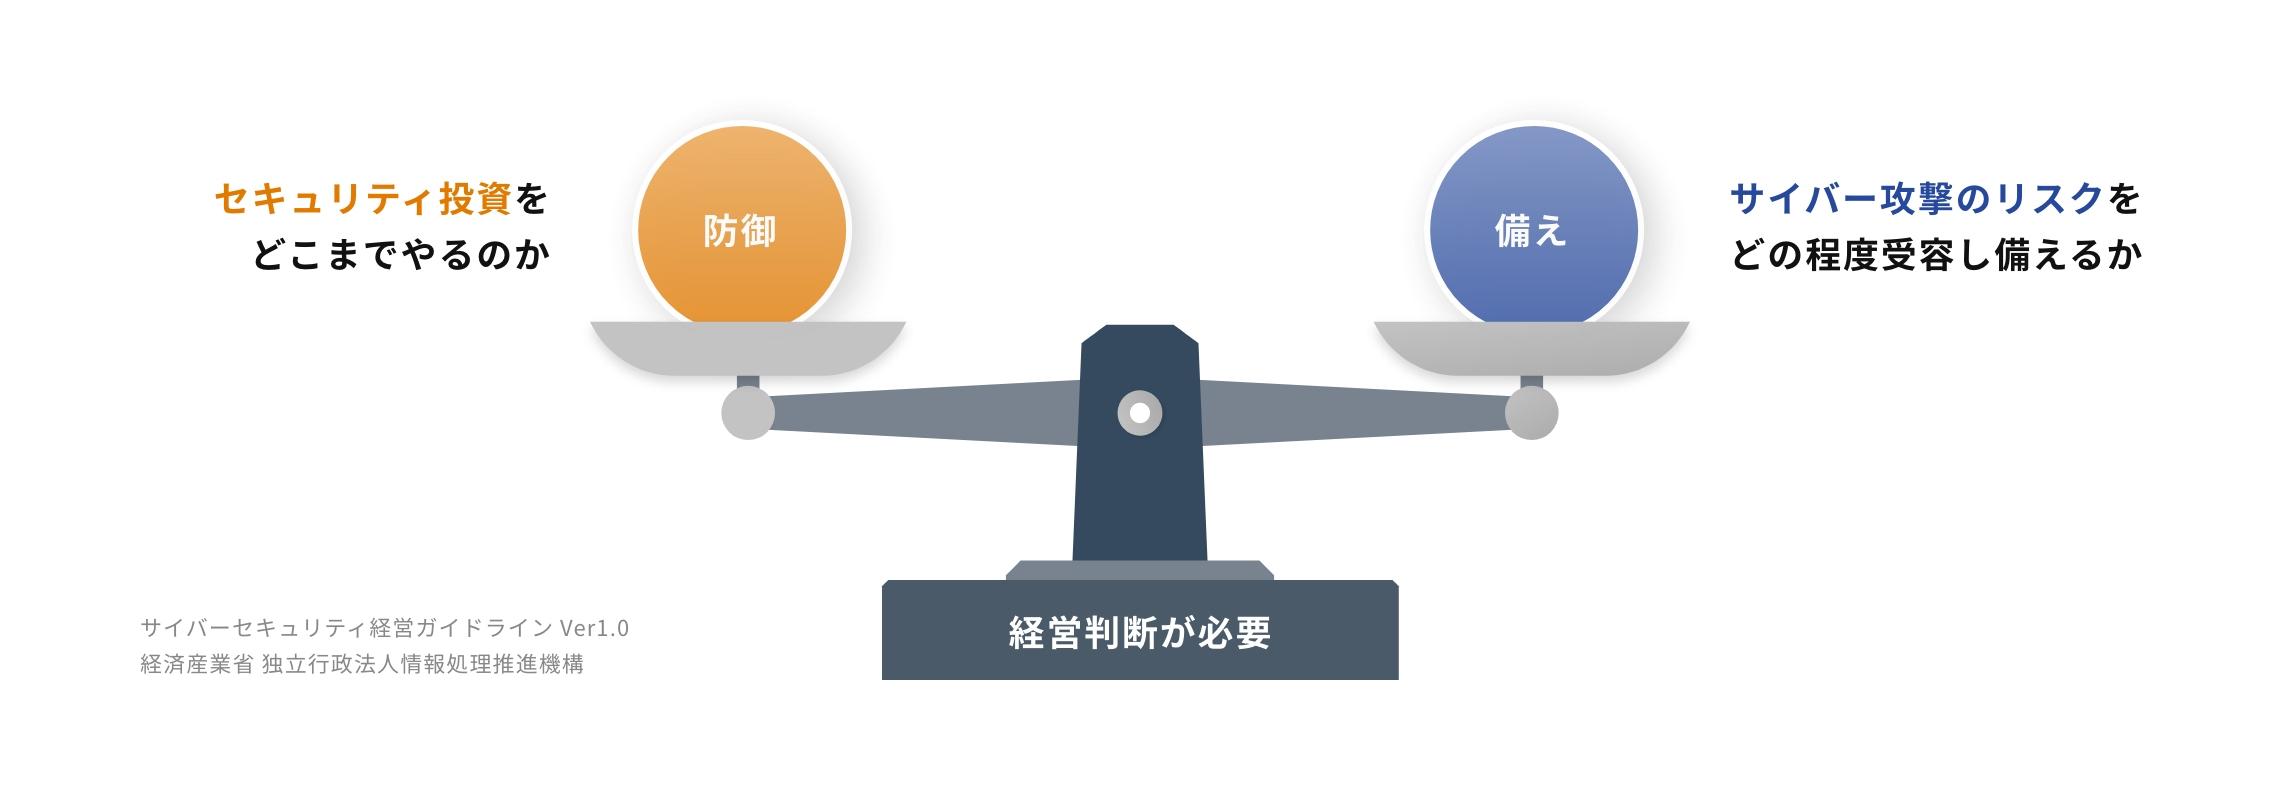 サイバーセキュリティ経営ガイドライン Ver1.0